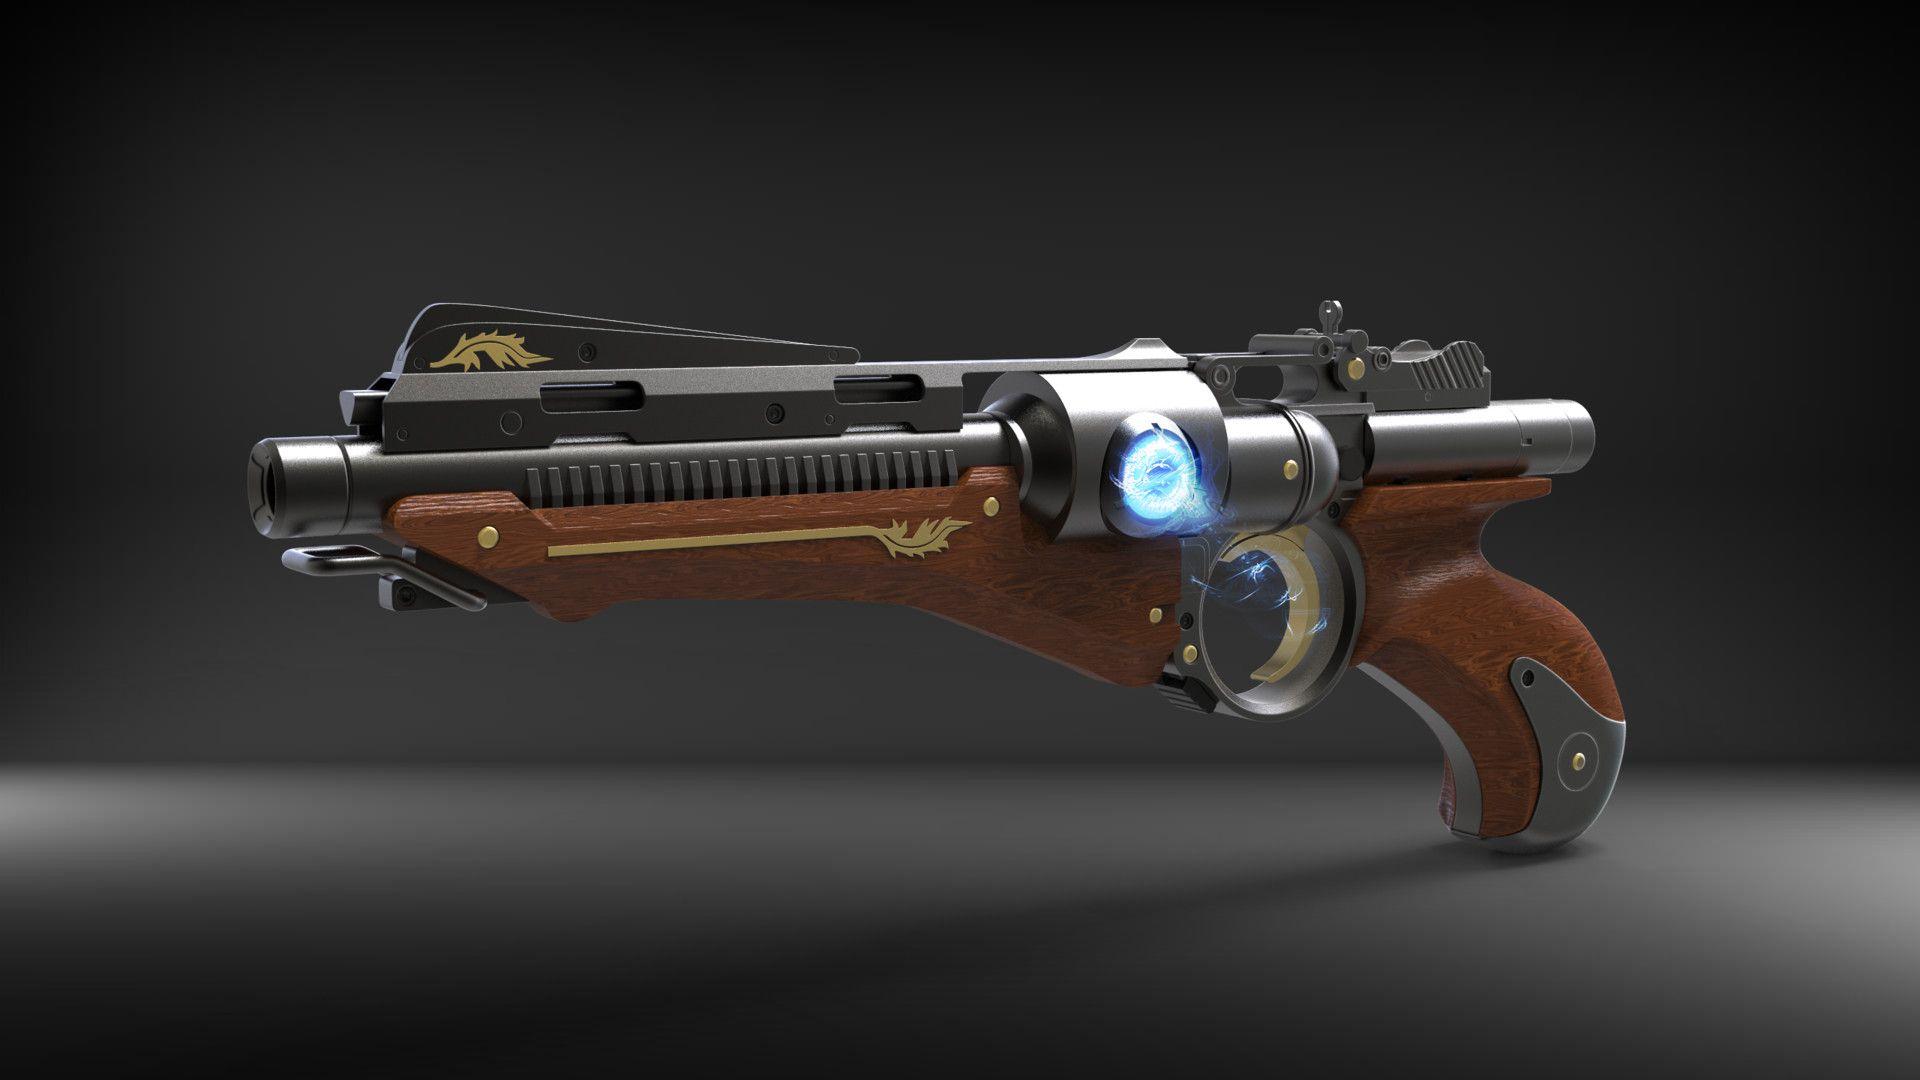 ArtStation - Energy Pistol - Pack model_Kris Thaler_01, Igor Rusanov Rekon